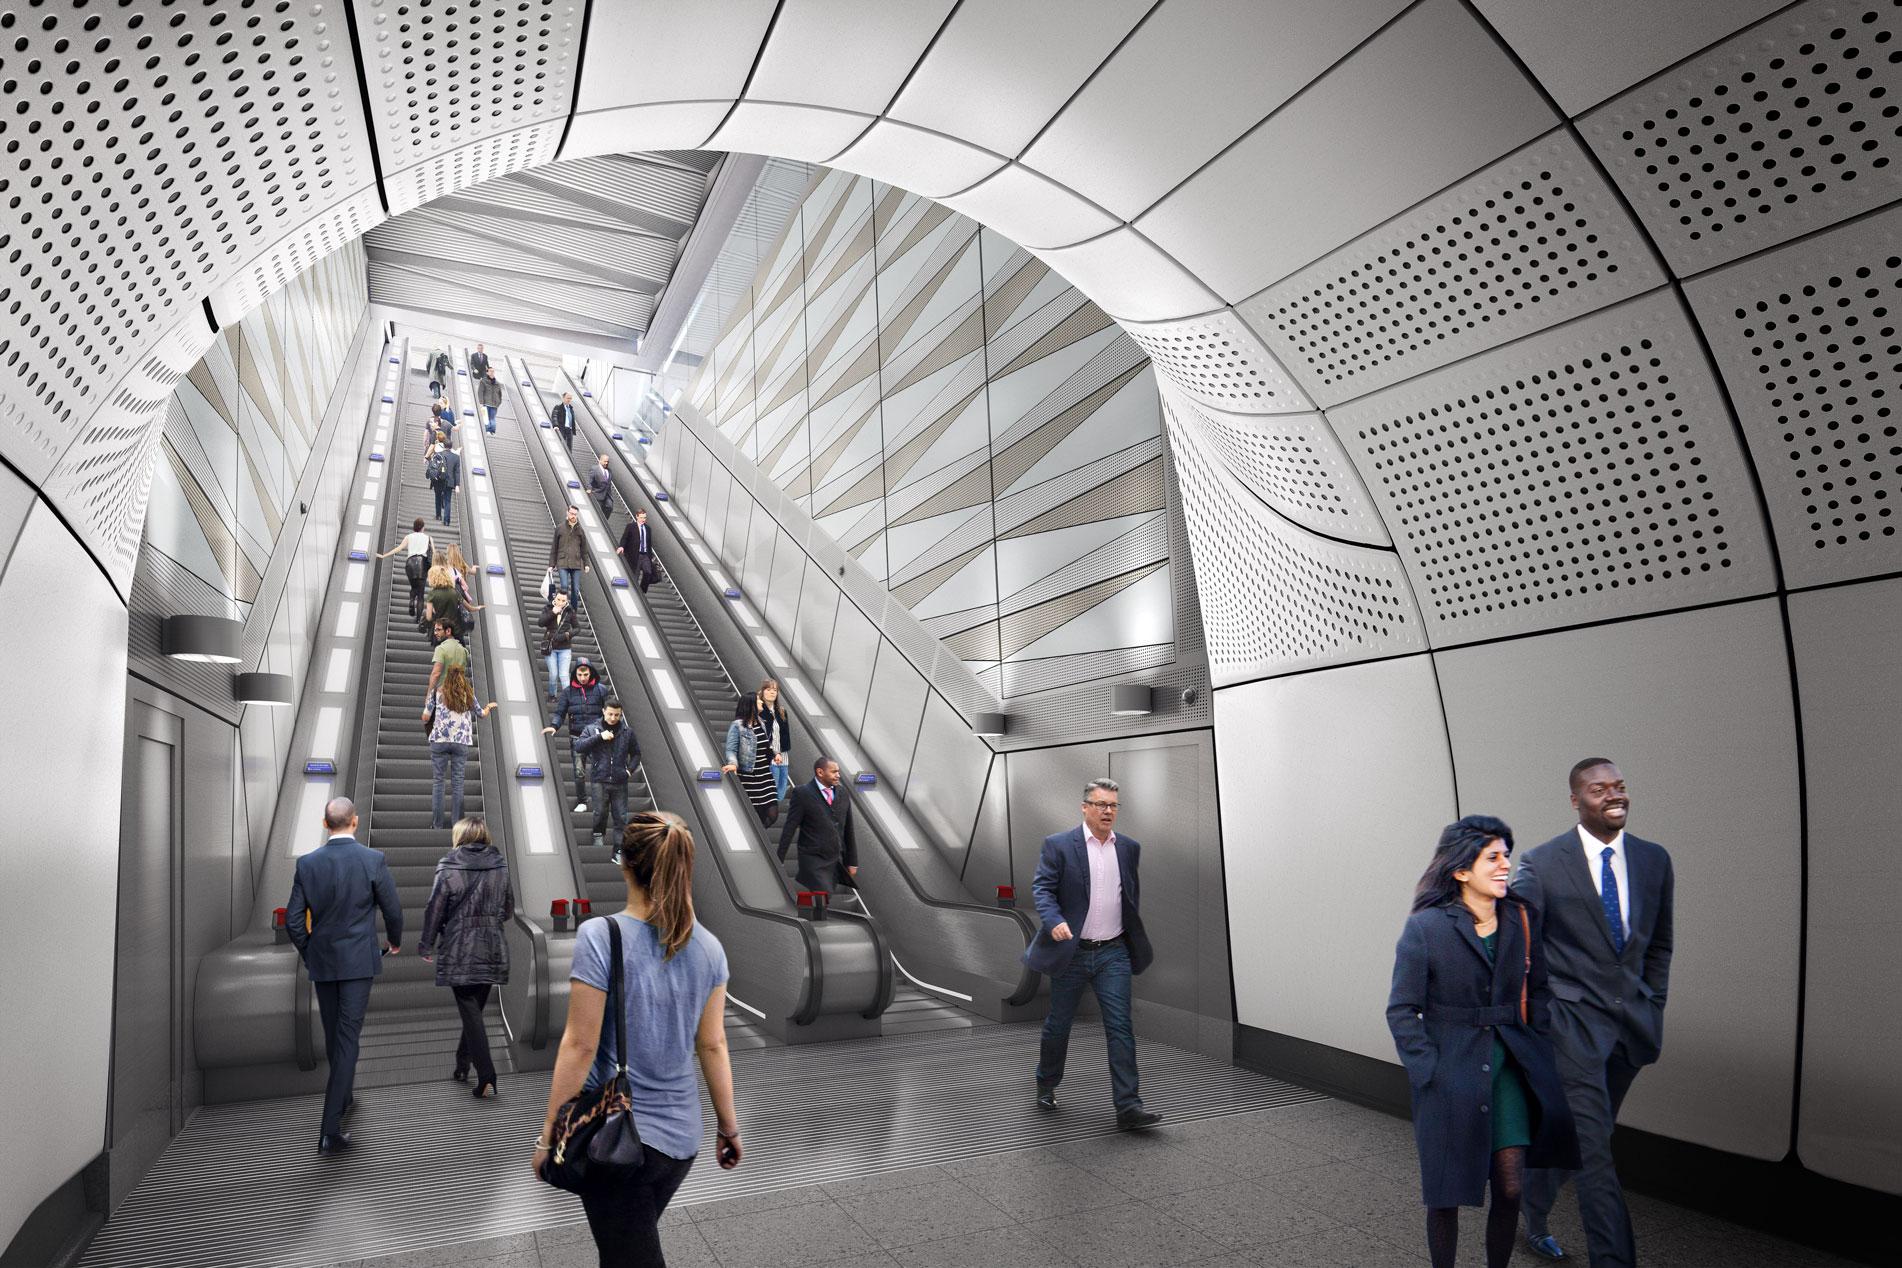 HB1501_Crossrail_LIV_View02_07_web